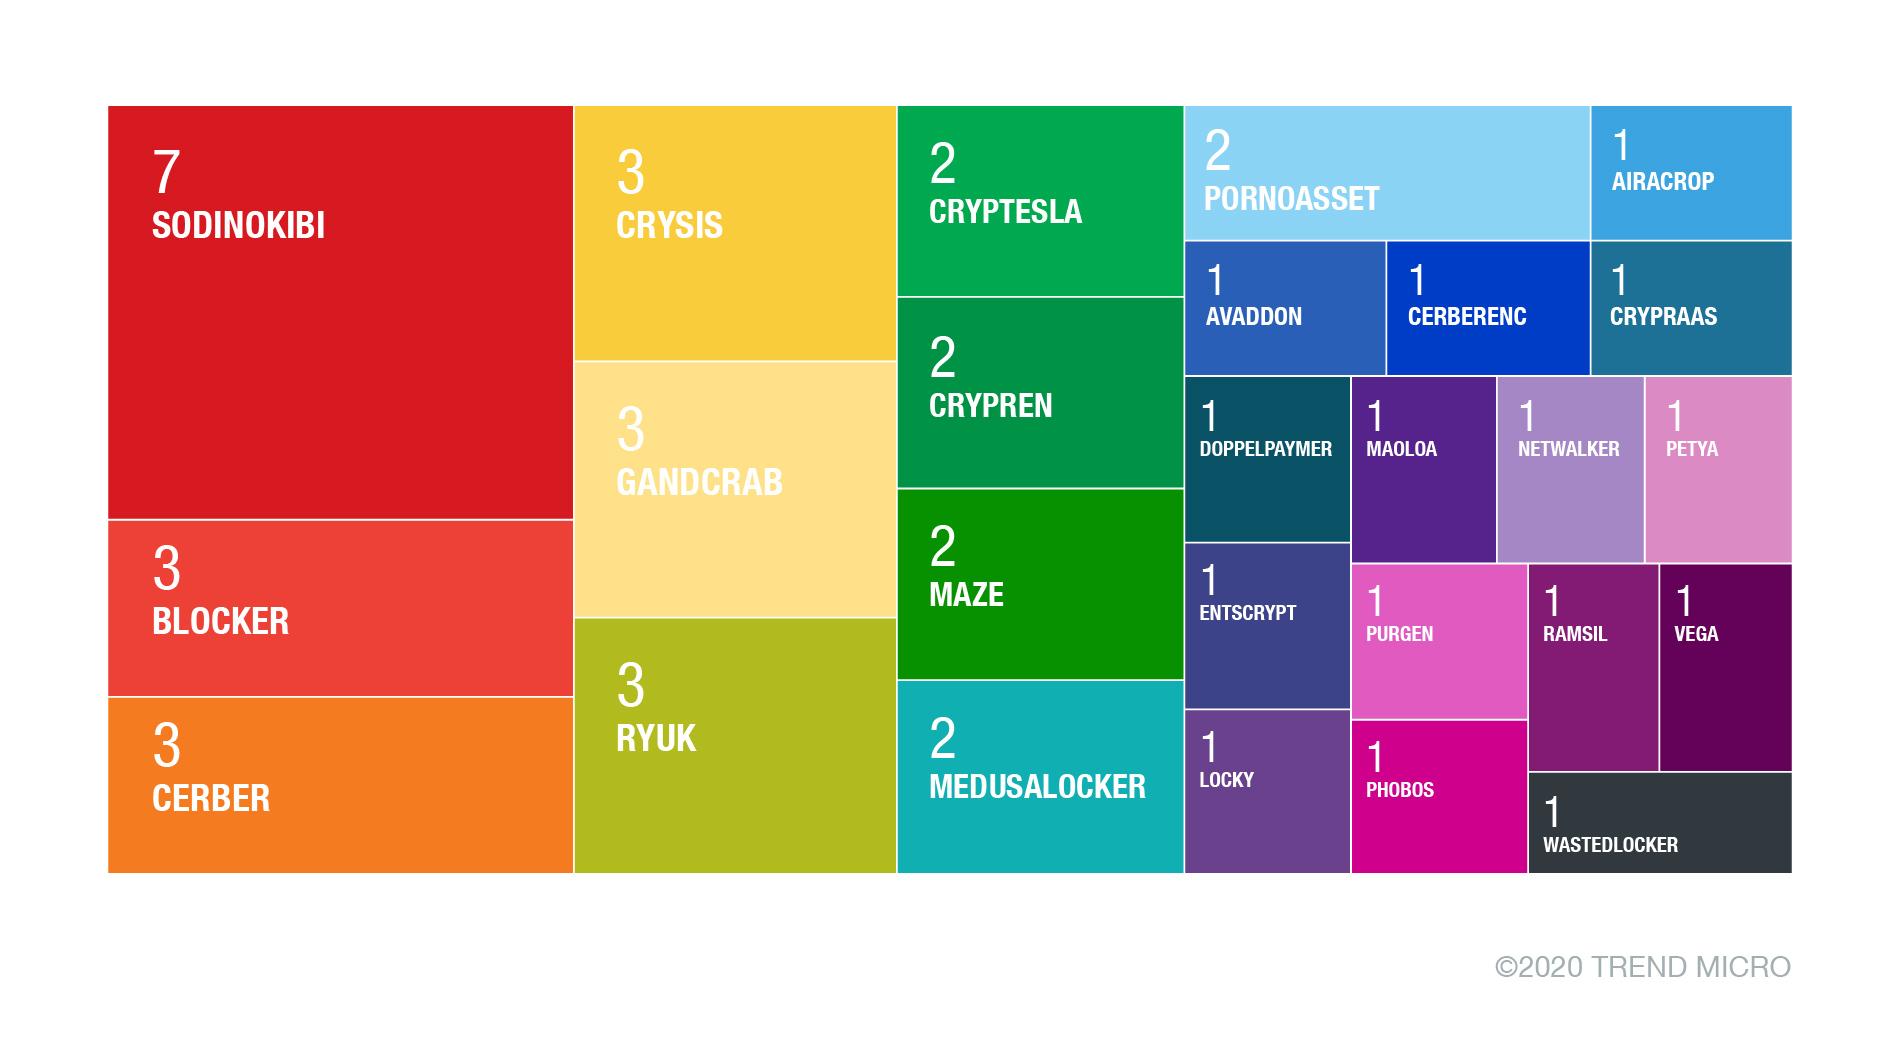 圖 5:專門攻擊製造業網路的各種勒索病毒家族 (2020 年第 3 季)。